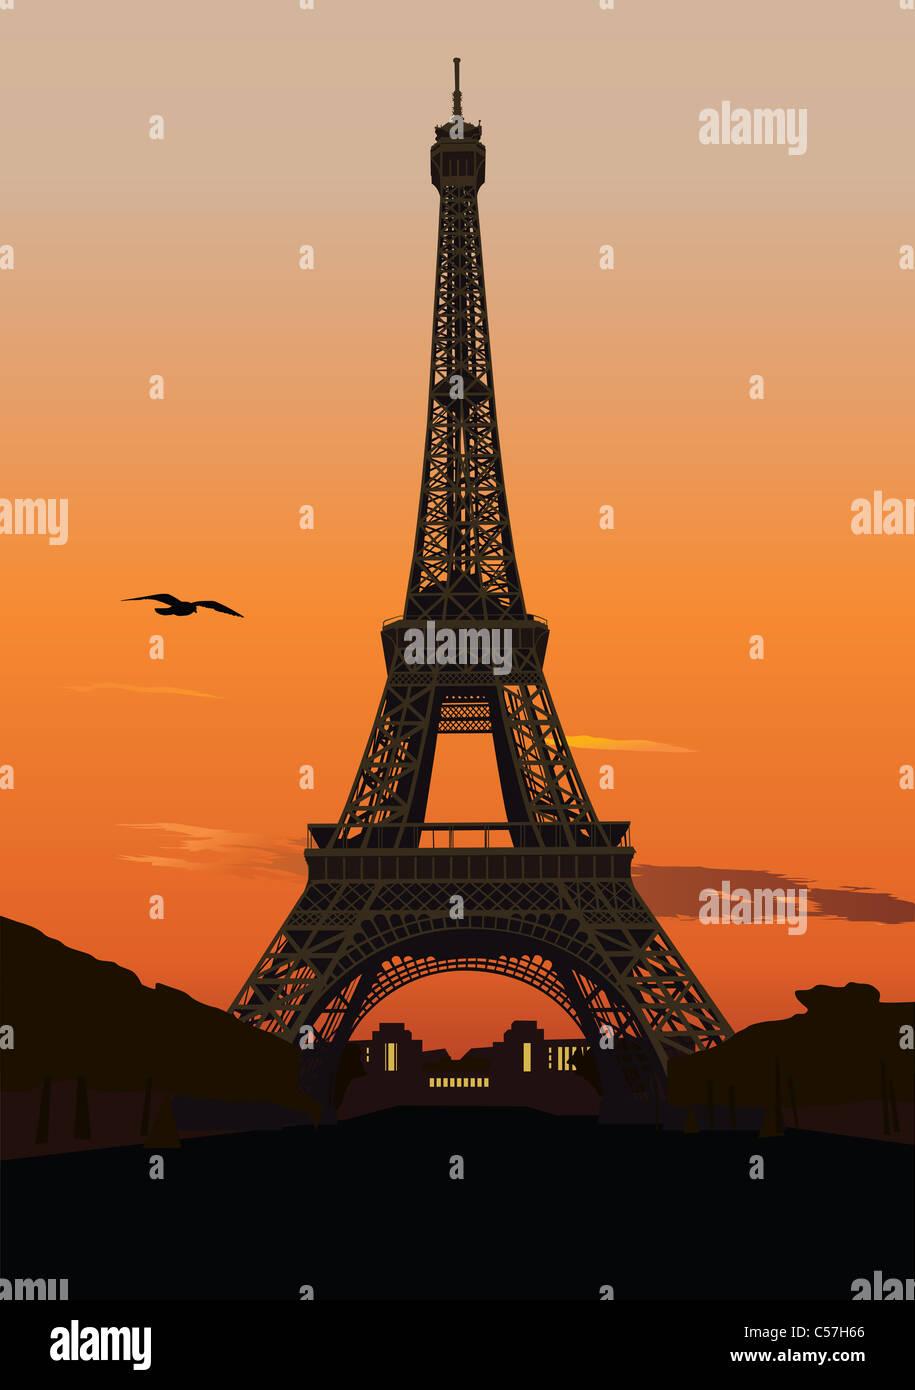 Ilustración vectorial de la torre Eiffel al atardecer. París, Francia Imagen De Stock